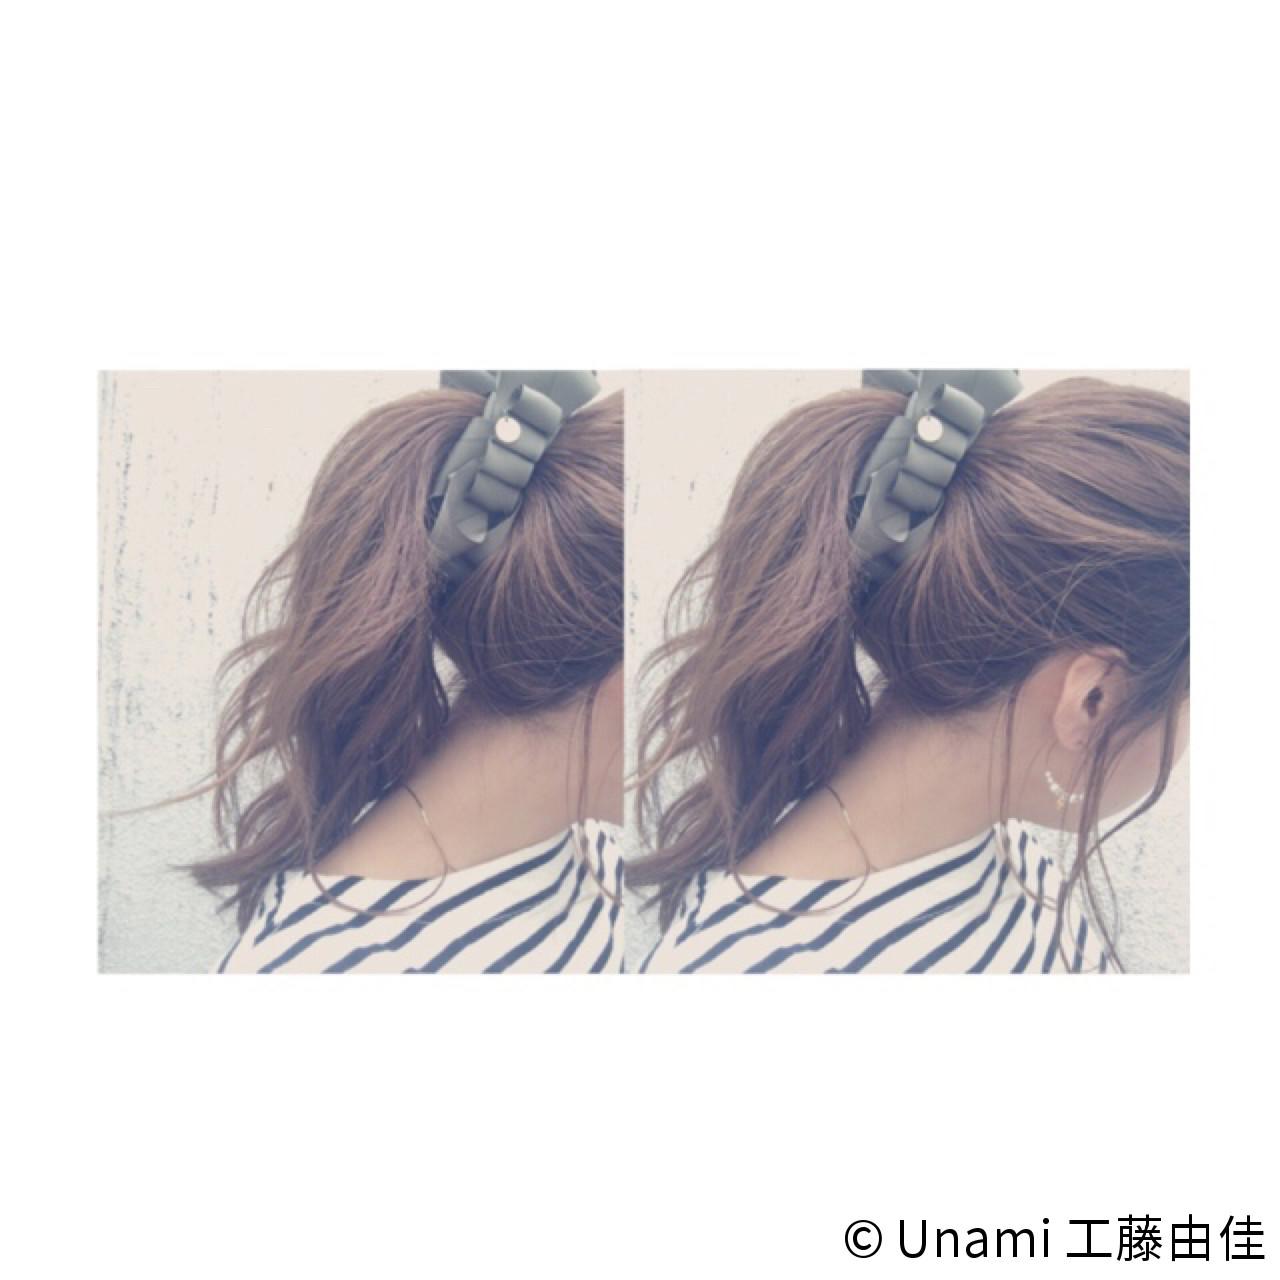 ショート フェミニン ルーズ ミディアム ヘアスタイルや髪型の写真・画像 | Unami 工藤由佳 / Unami omotesando